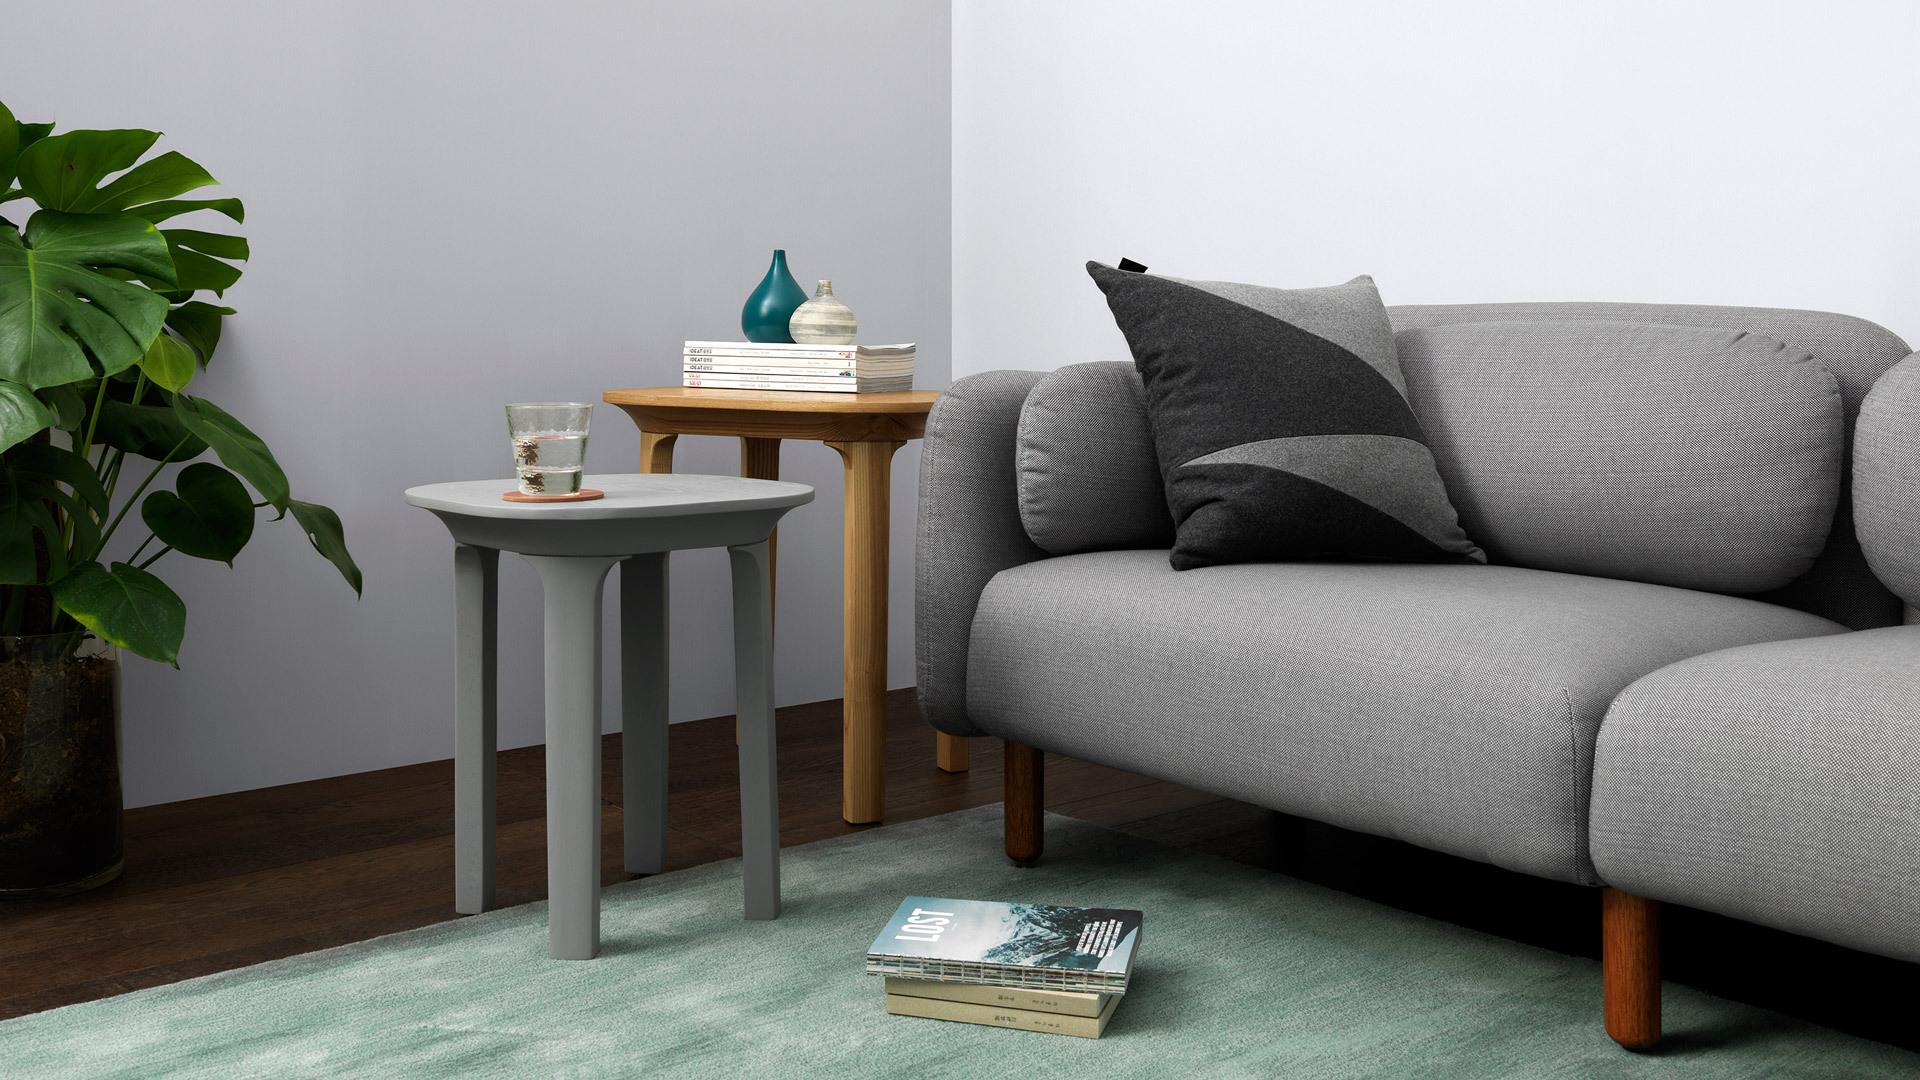 用高低两款瓦檐边桌组合,高度差设计带来错落有致的感受,让冷色调鹅卵石沙发变得灵动起来。